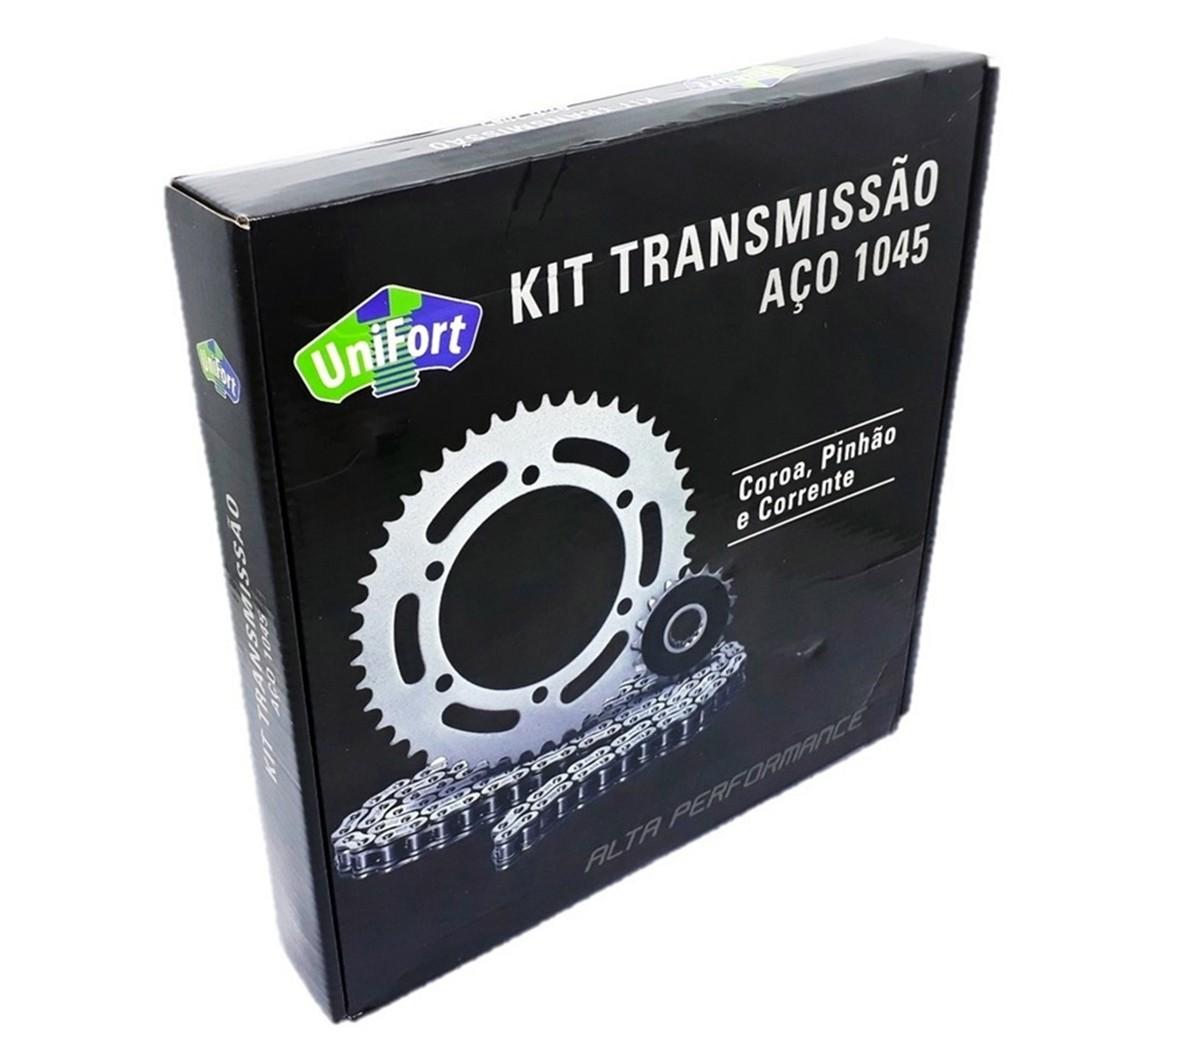 Kit Relação Pop 110 Aço 1045 Unifort 428x104x34x14